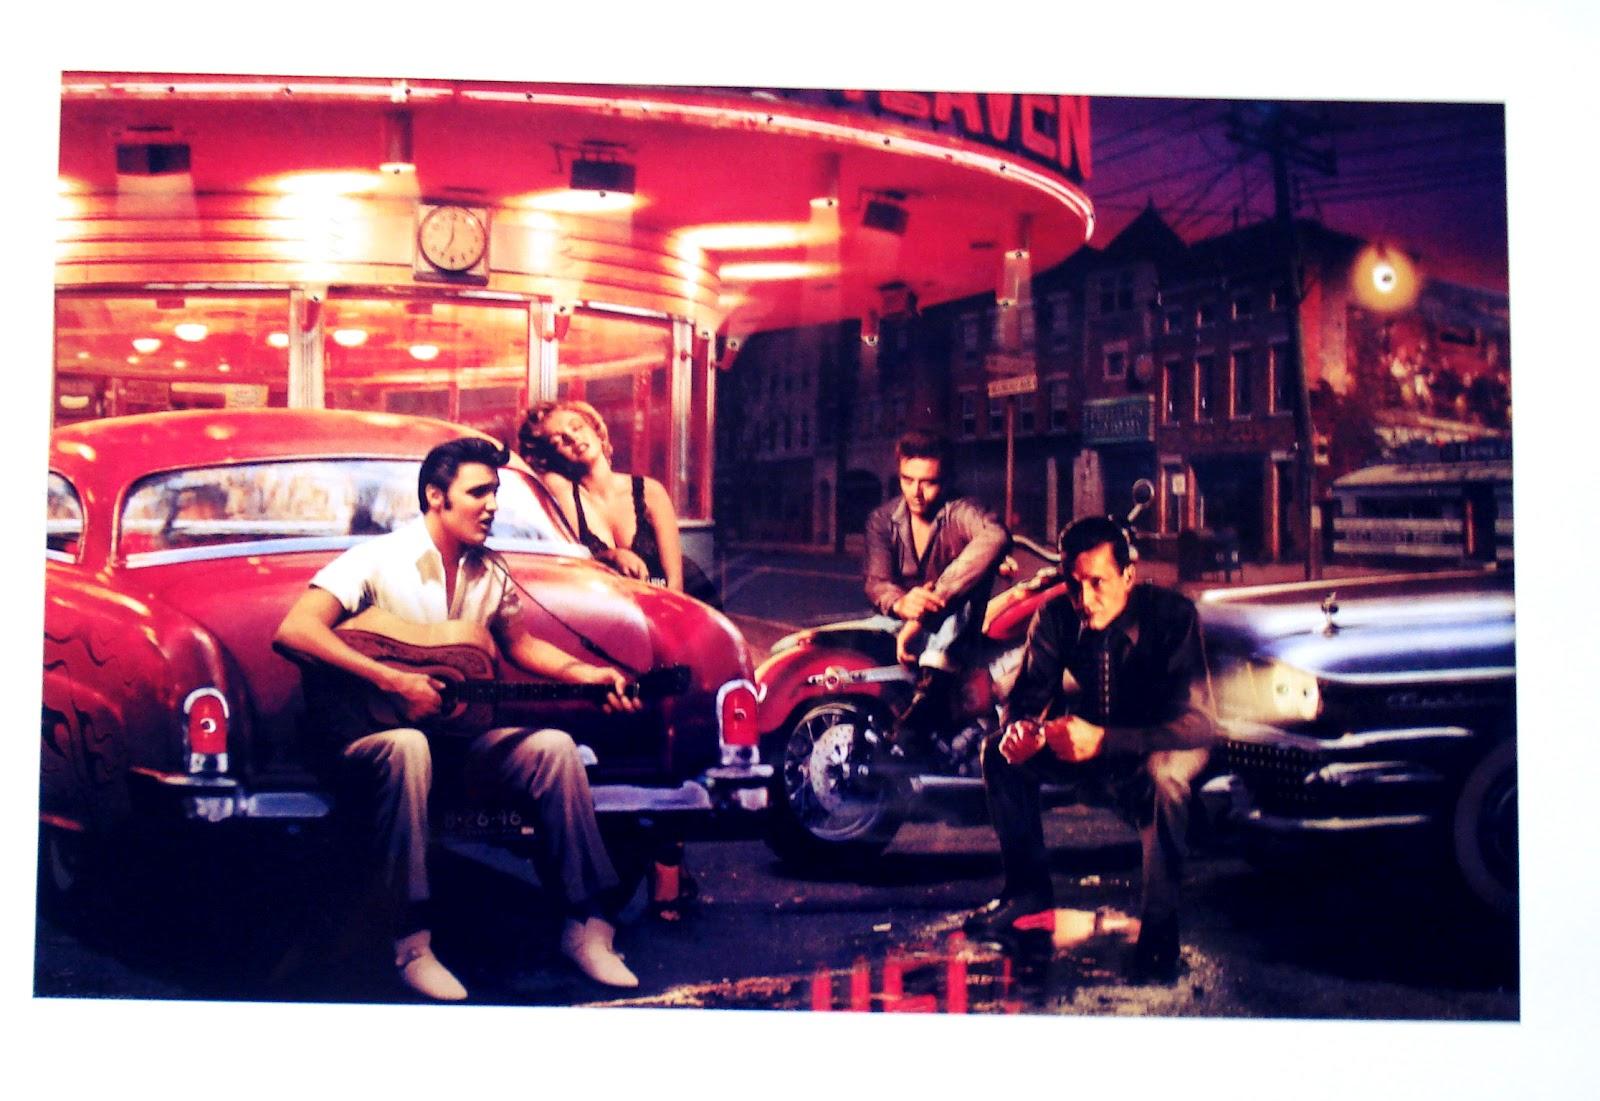 http://2.bp.blogspot.com/-Ko7ffg29l3E/T8ZPeFrZU1I/AAAAAAAACqg/1vf6-K3x7OY/s1600/poster.jpg